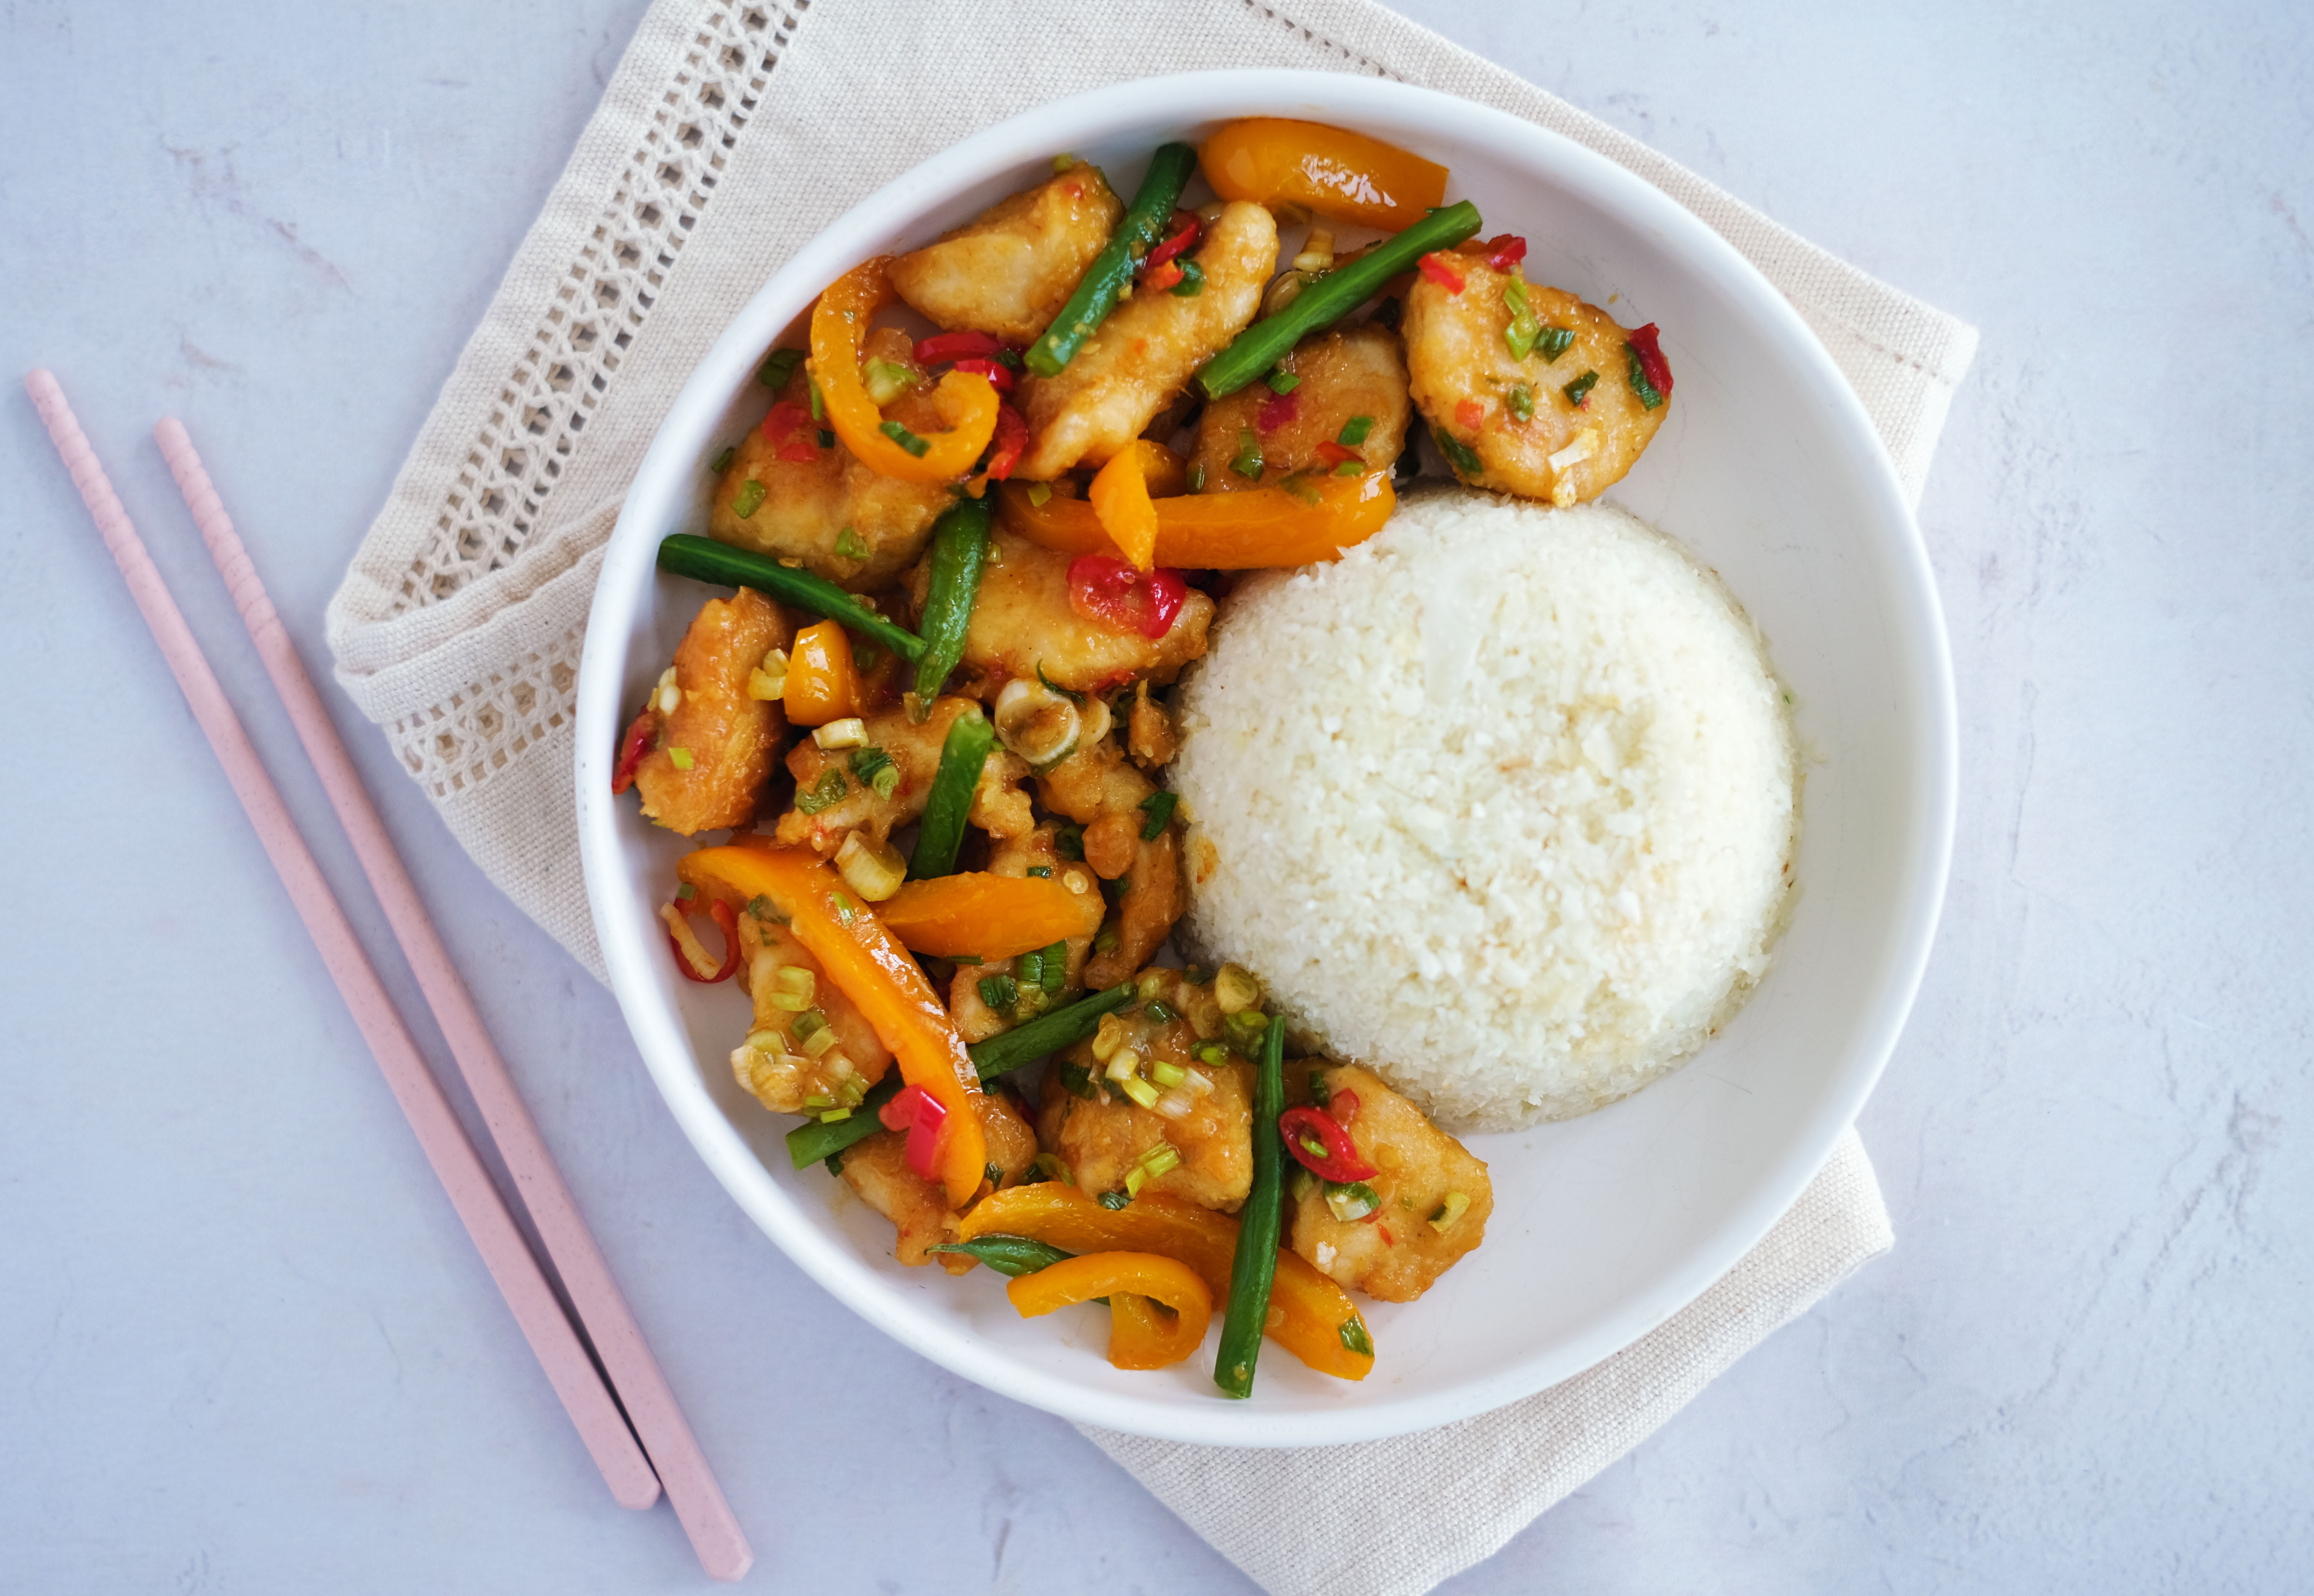 Chilli Chicken with Cauliflower Fried Rice